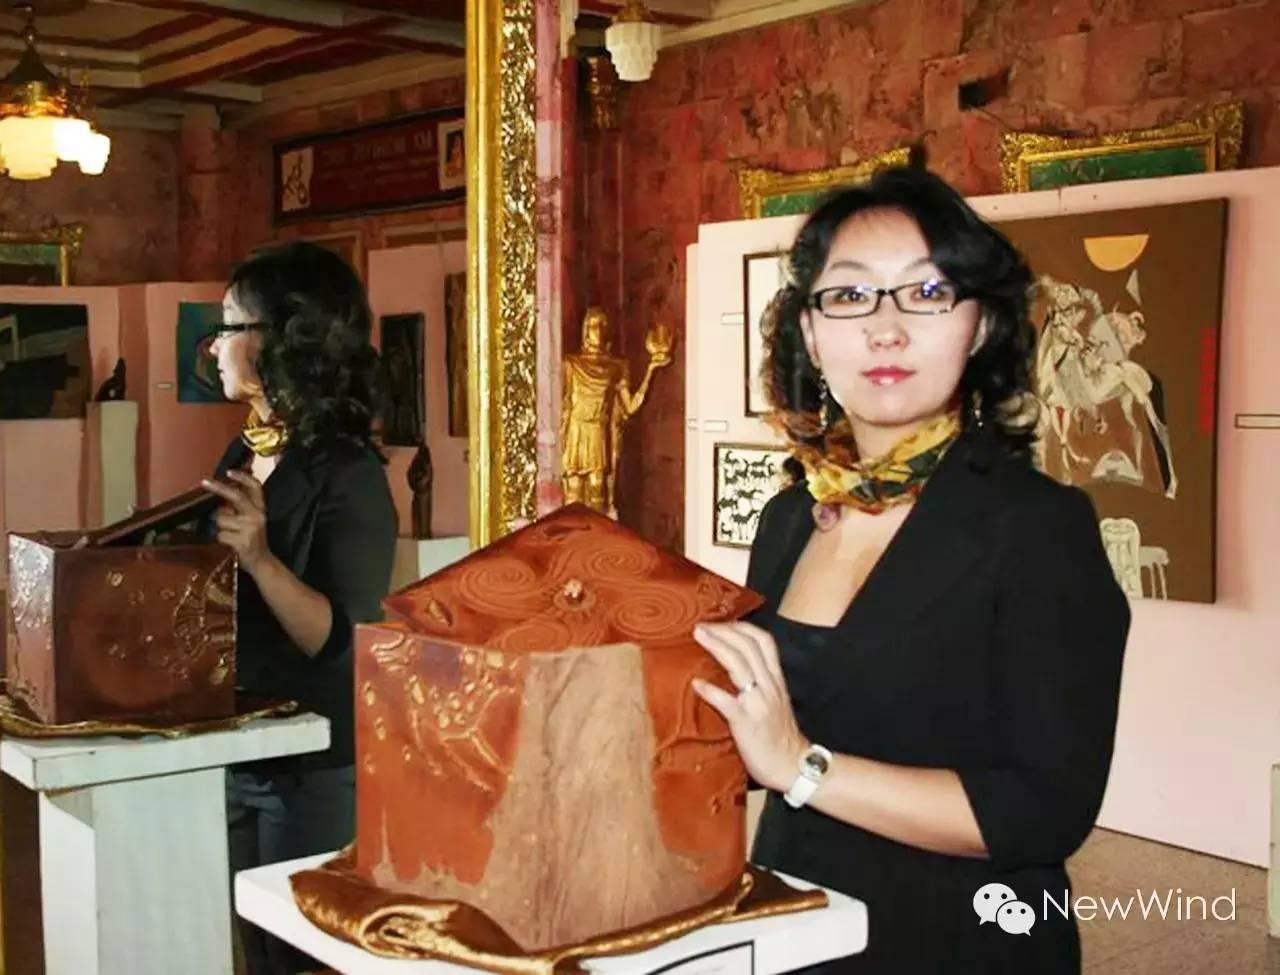 【艺术家】蒙古国画家 . 艺术家  - D.Gantugs 玩偶作品 第15张 【艺术家】蒙古国画家 . 艺术家  - D.Gantugs 玩偶作品 蒙古画廊